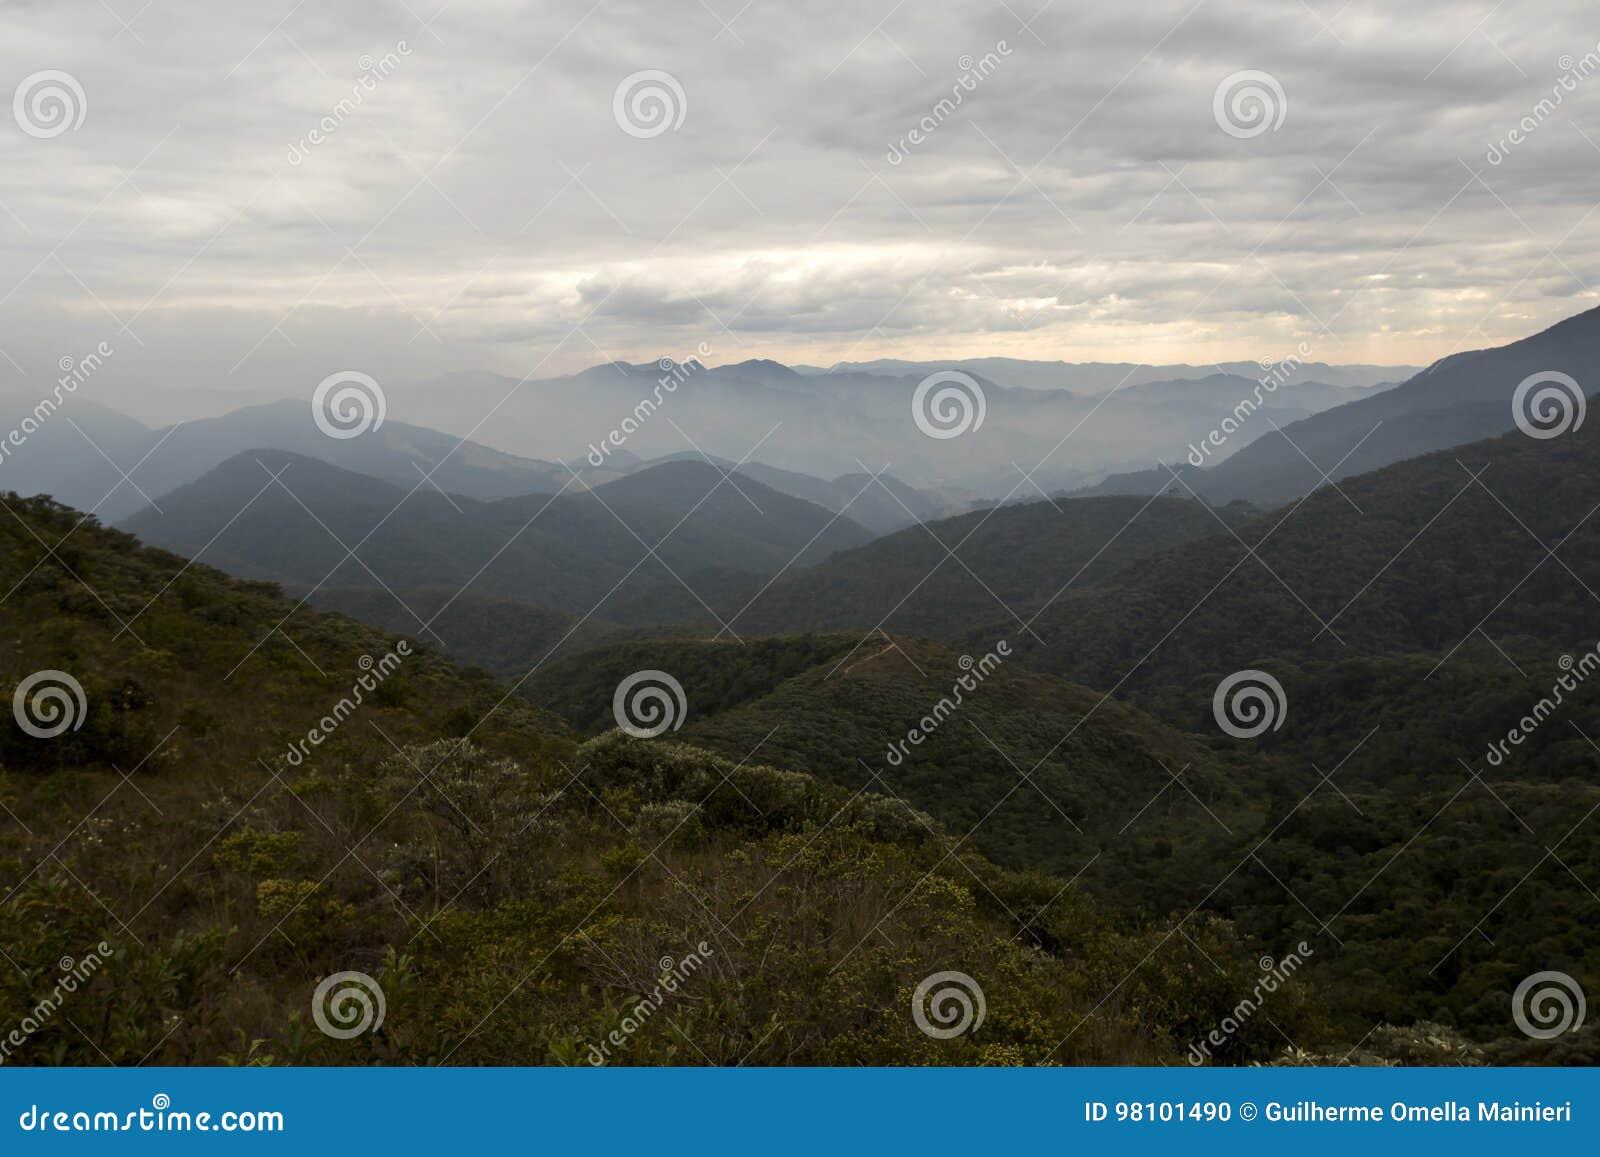 Σειρά βουνών fina Serra με τα σύννεφα το χειμώνα των gerais Βραζιλία του Minas οριζόντια